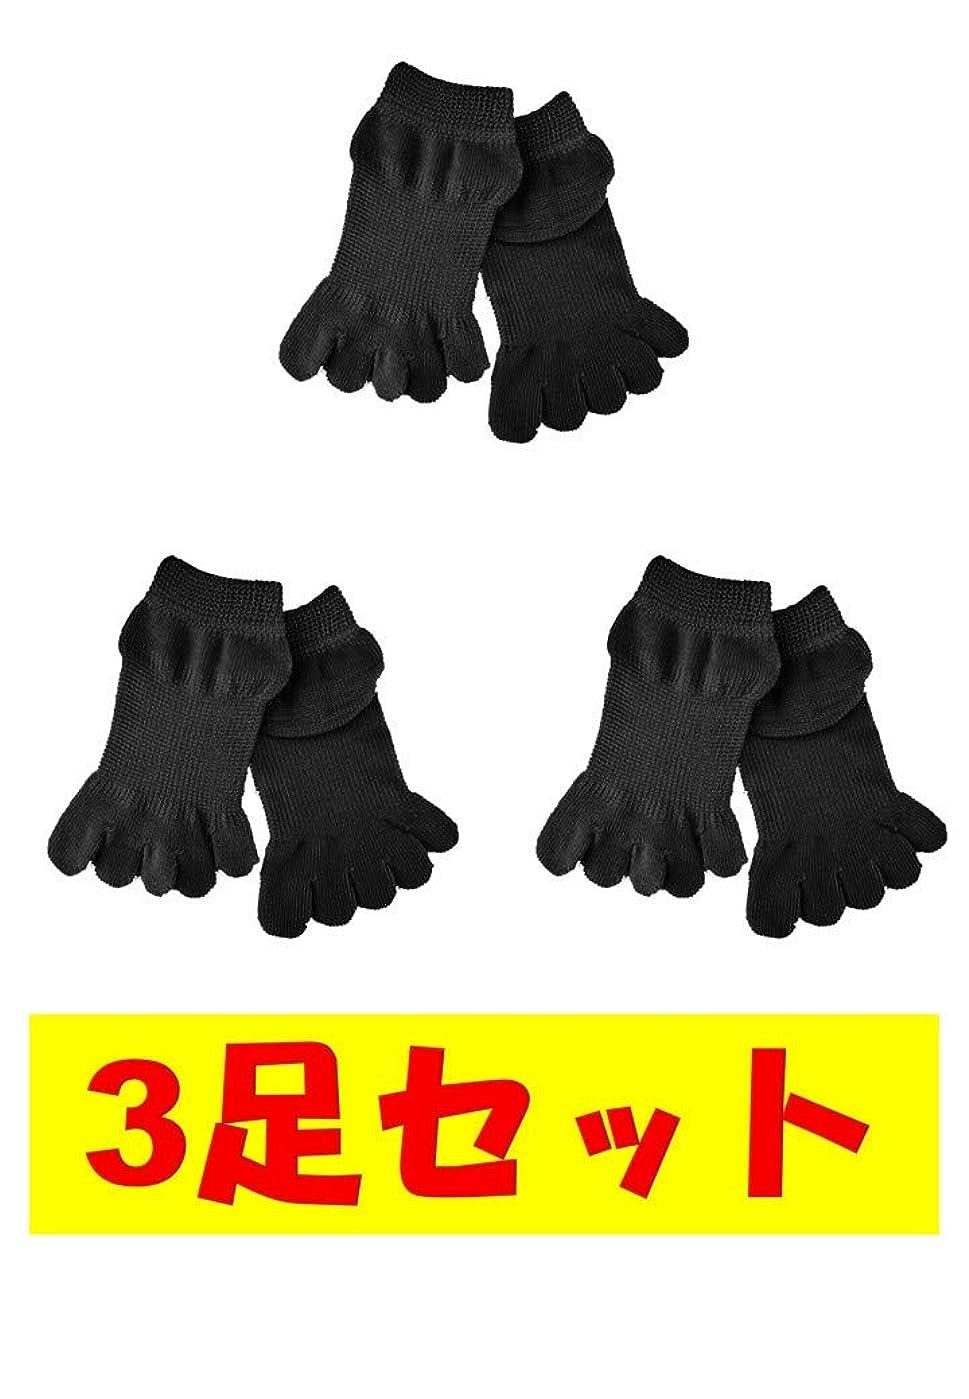 ねばねば共感するサンプルお買い得3足セット 5本指 ゆびのばソックス ゆびのば アンクル ブラック iサイズ 23.5-25.5cm YSANKL-BLK